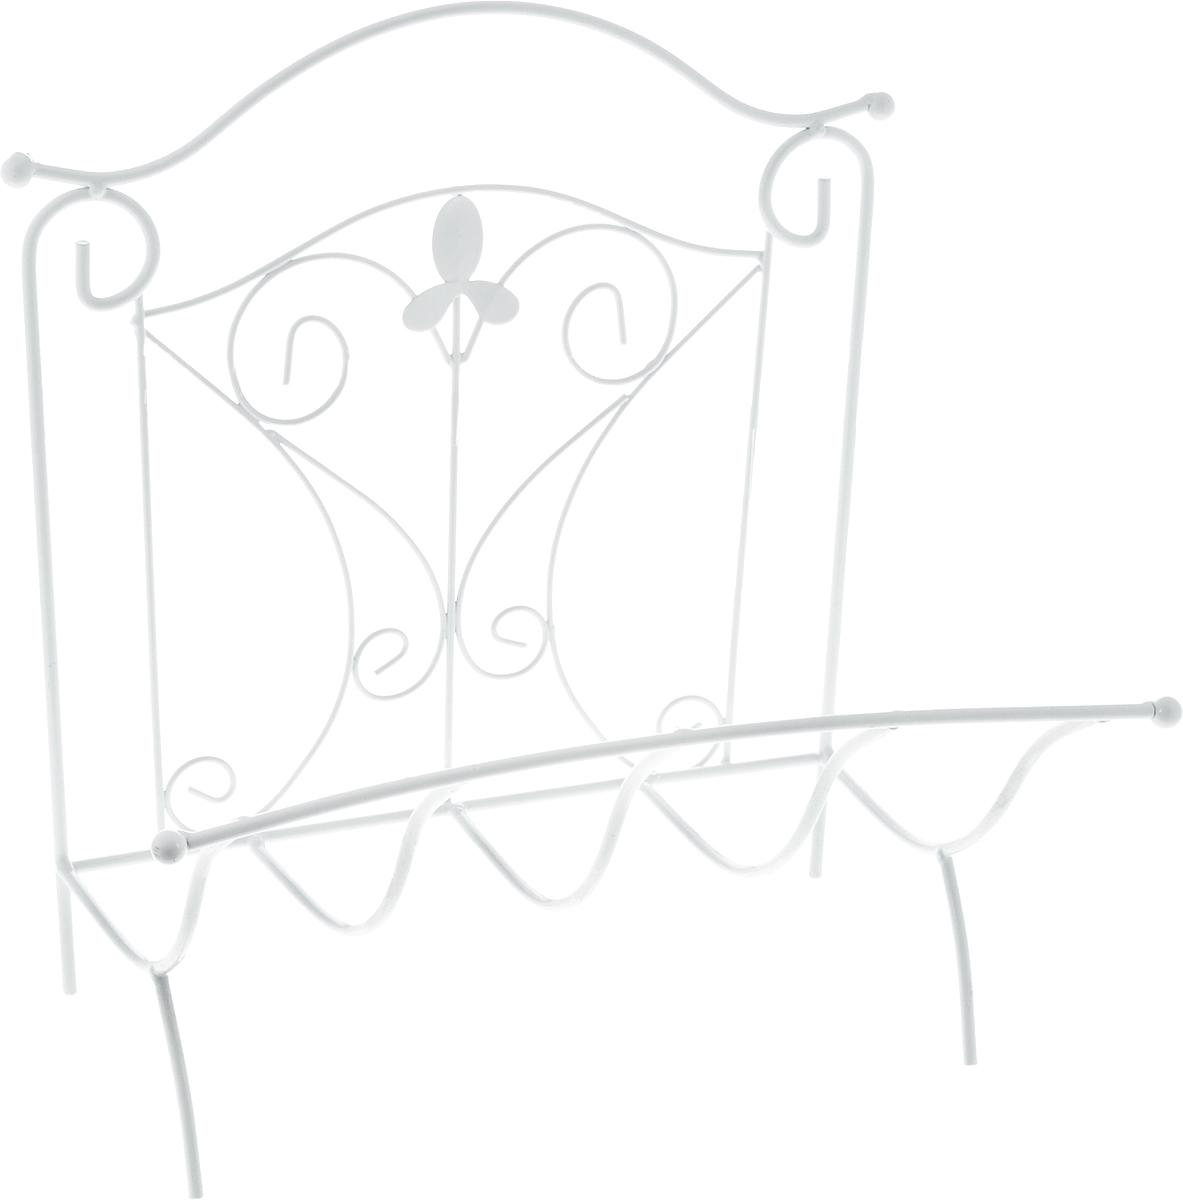 Подставка для газет Magic Home Французская лилия, 39 х 31 х 39 см44165Удобная подставка Magic Home Французская лилия предназначена для хранения газет и журналов. Изделие выполнено из кованого металла в классическом стиле. Изделие украшено изящными завитками и цветком из металла. Подставка располагается на удобных металлических ножках. Такая подставка поможет не только хранить газеты и журналы в одном месте, но и станет предметом декора.Размер подставки: 39 х 31 х 39 см.